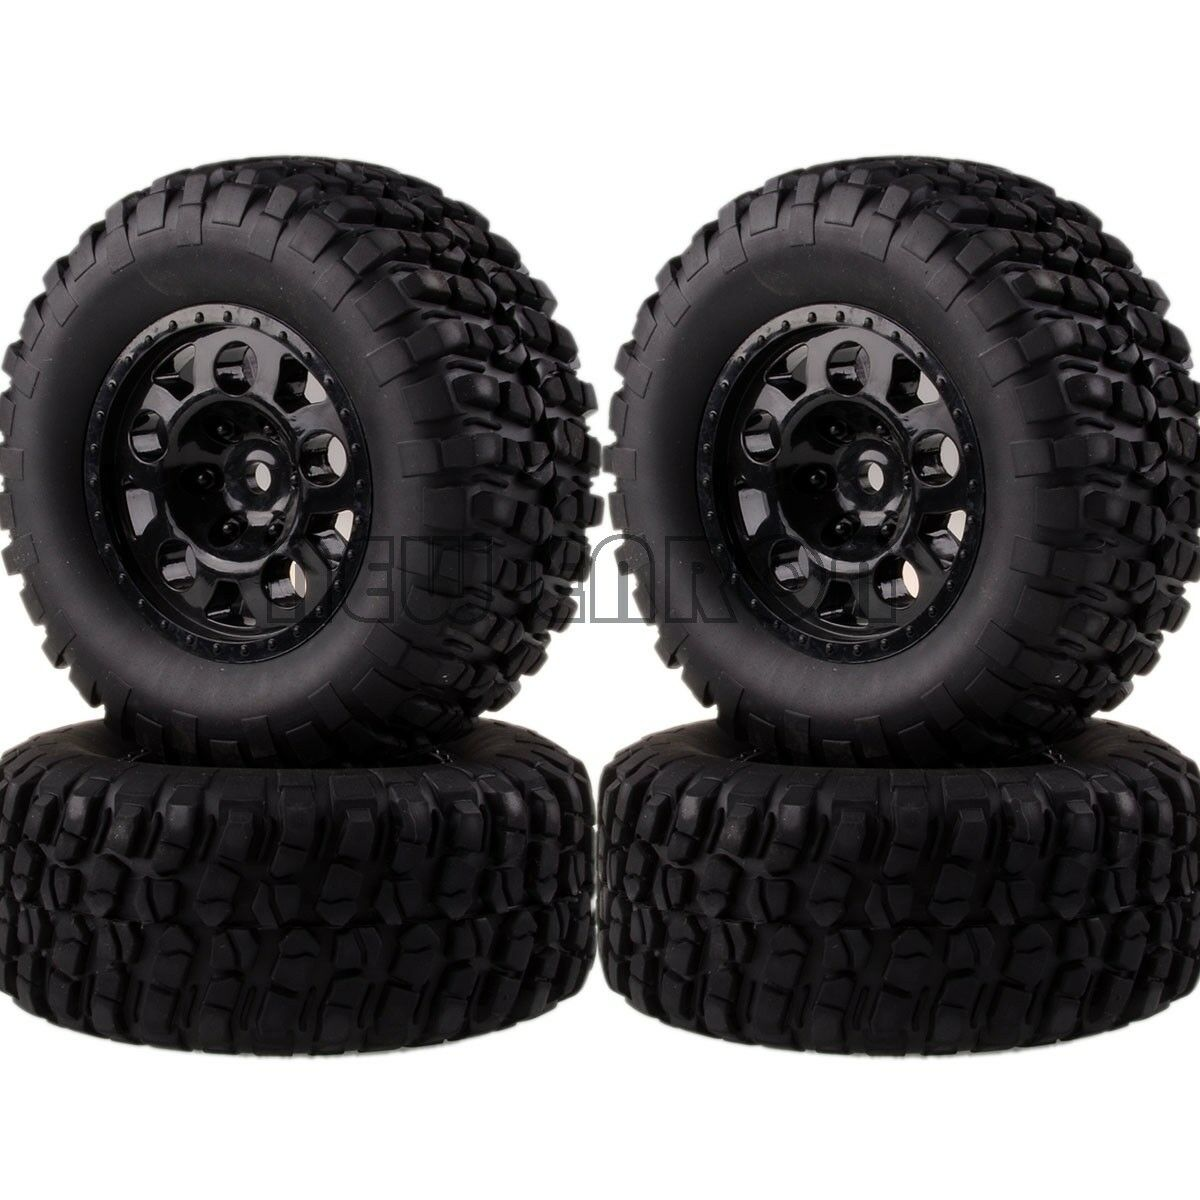 1182-13 RC RC RC 1 10 Wheel Rim & Tyre,Tires For Traxxas Slash 4x4 Pro-Line Racing defb9c